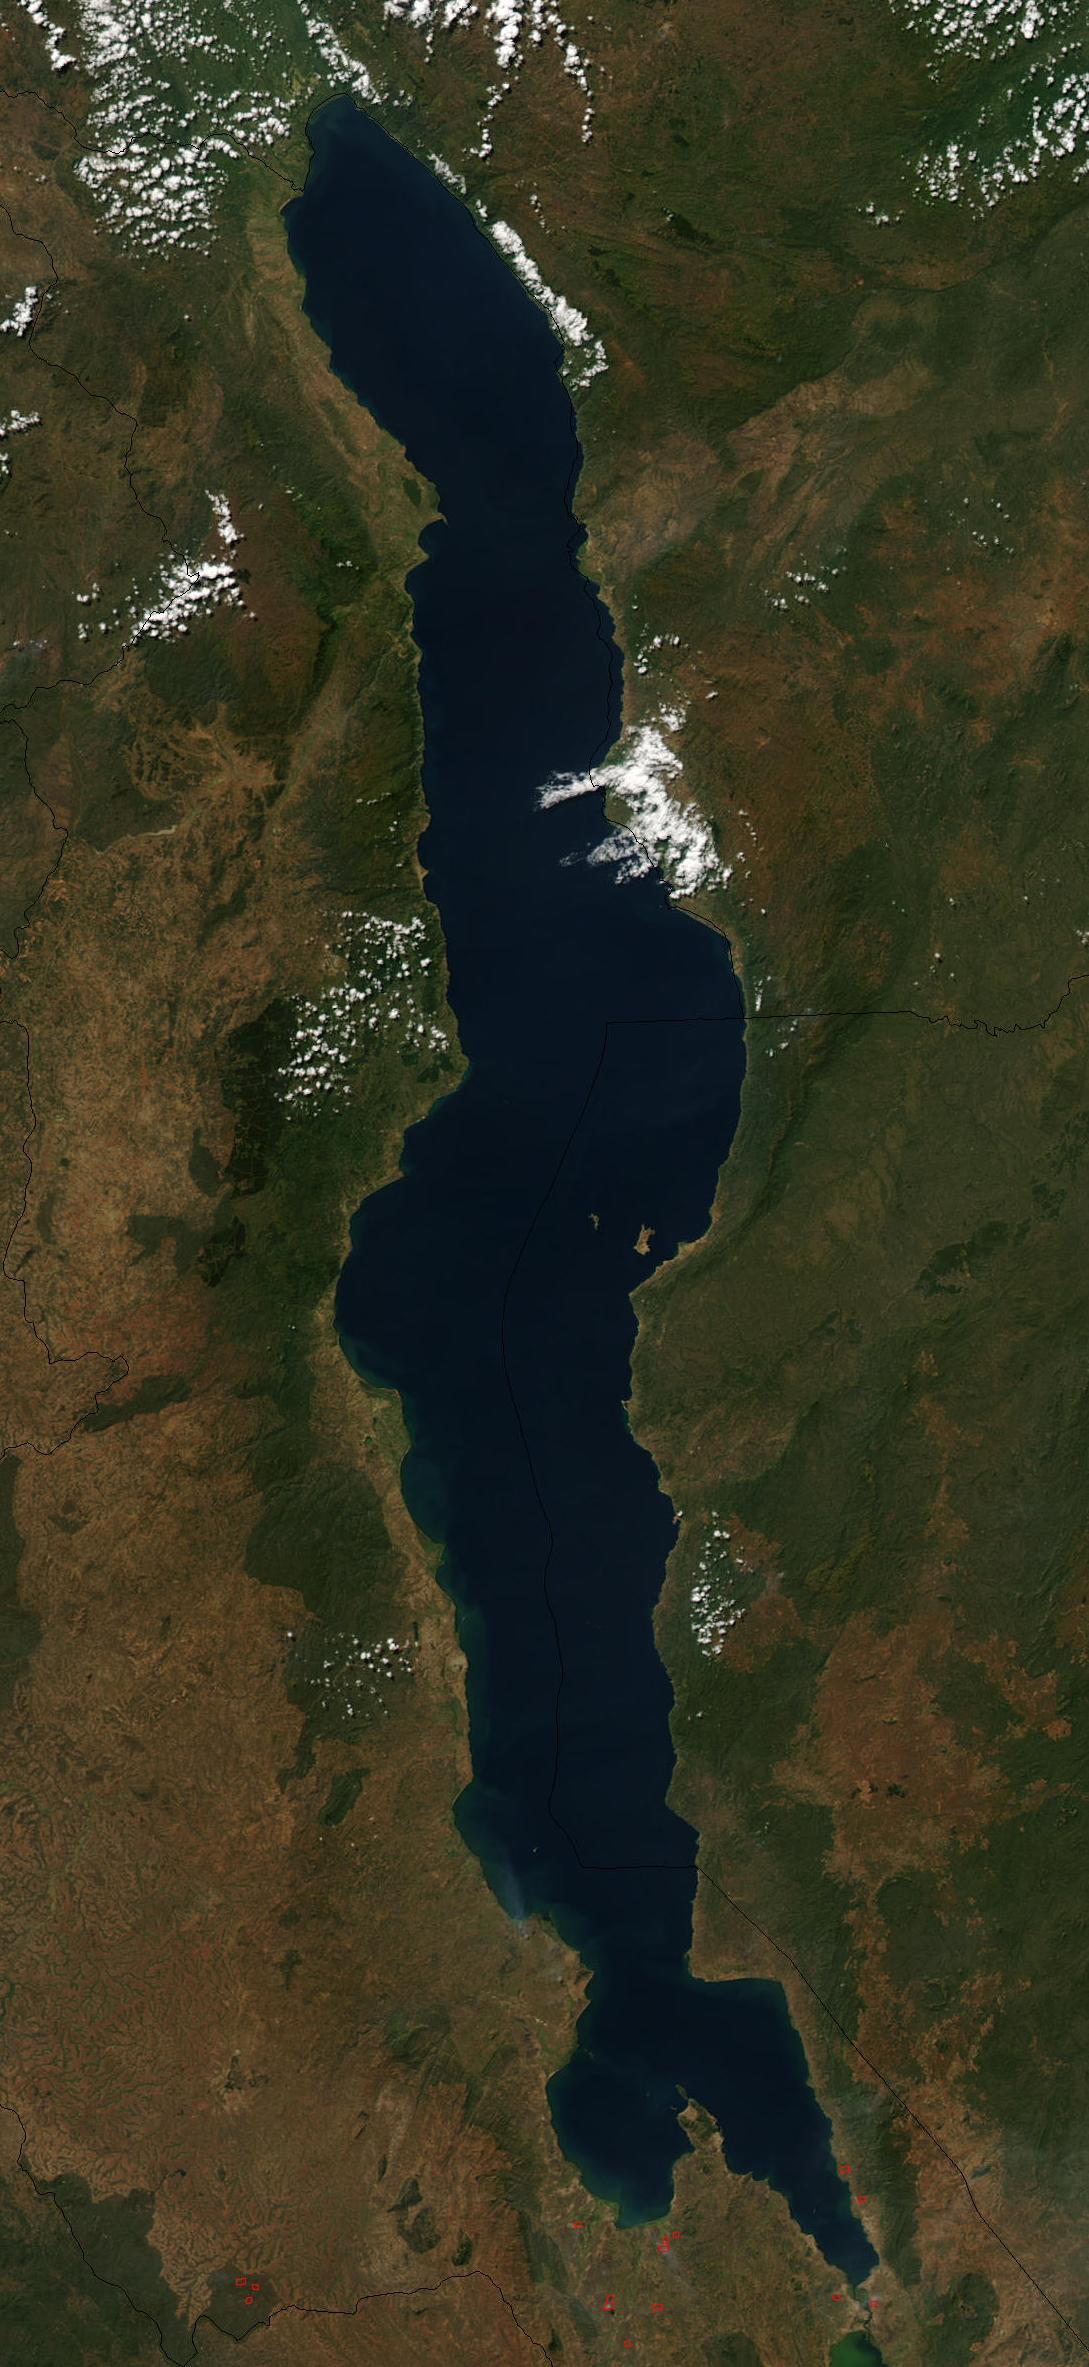 malawi søen